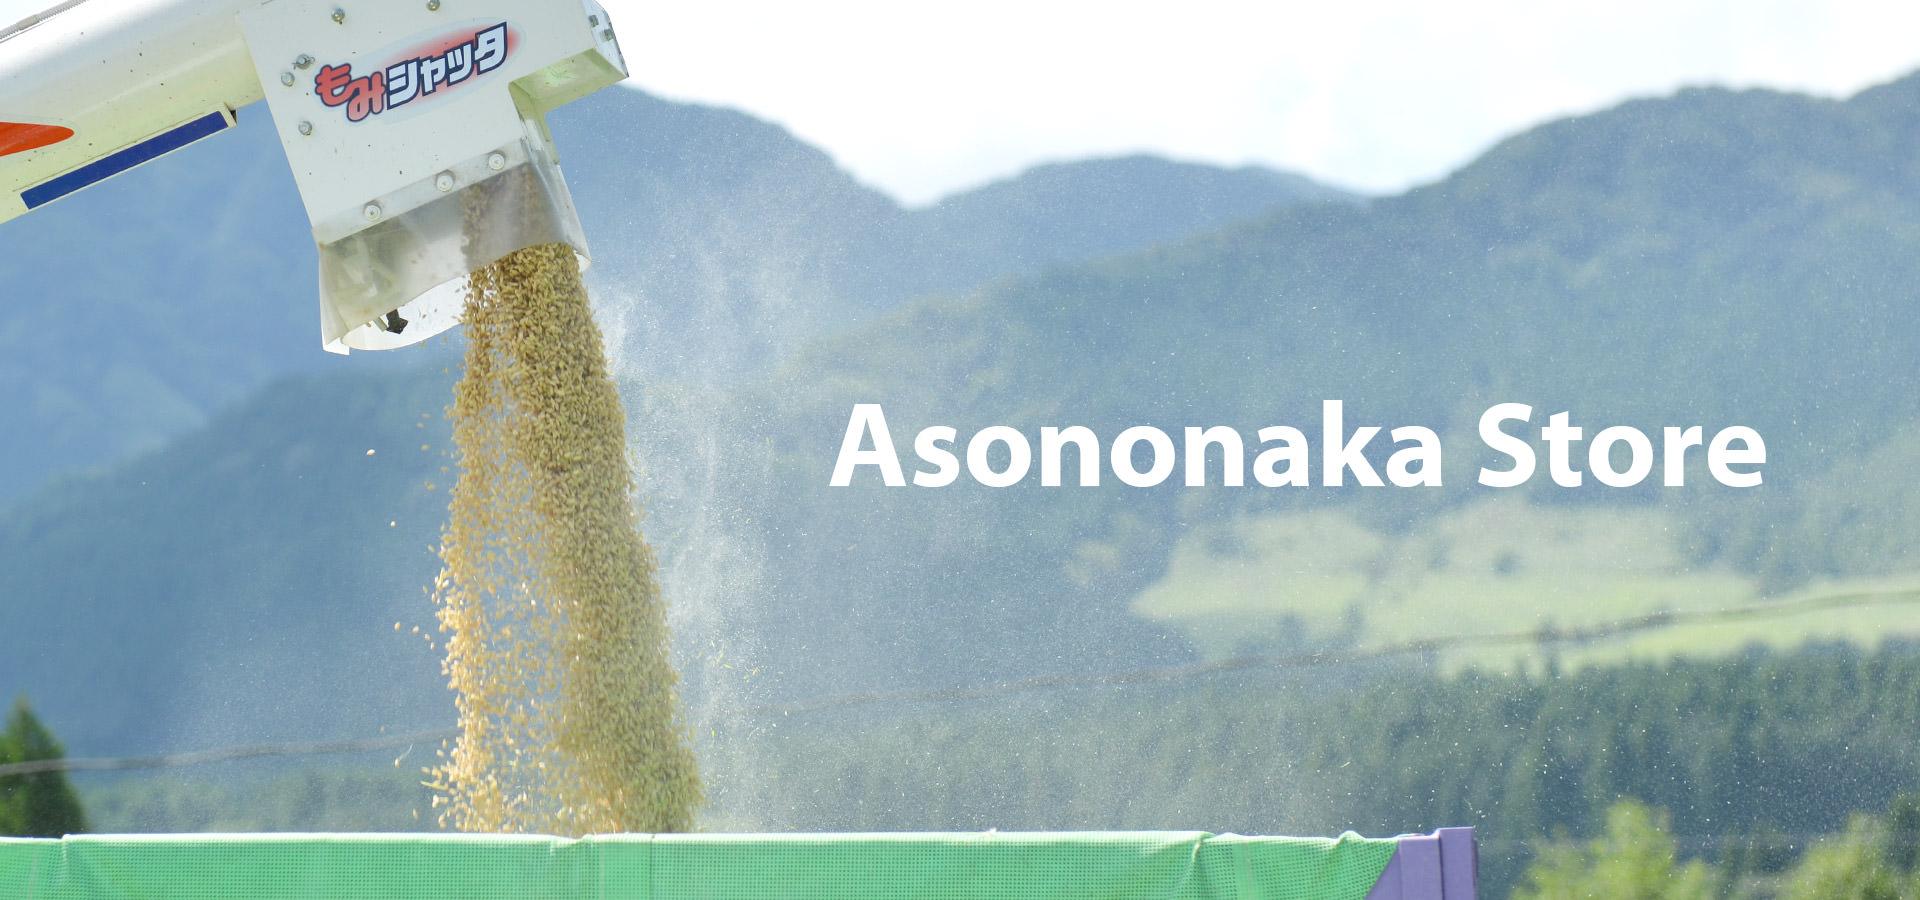 Asononaka Store